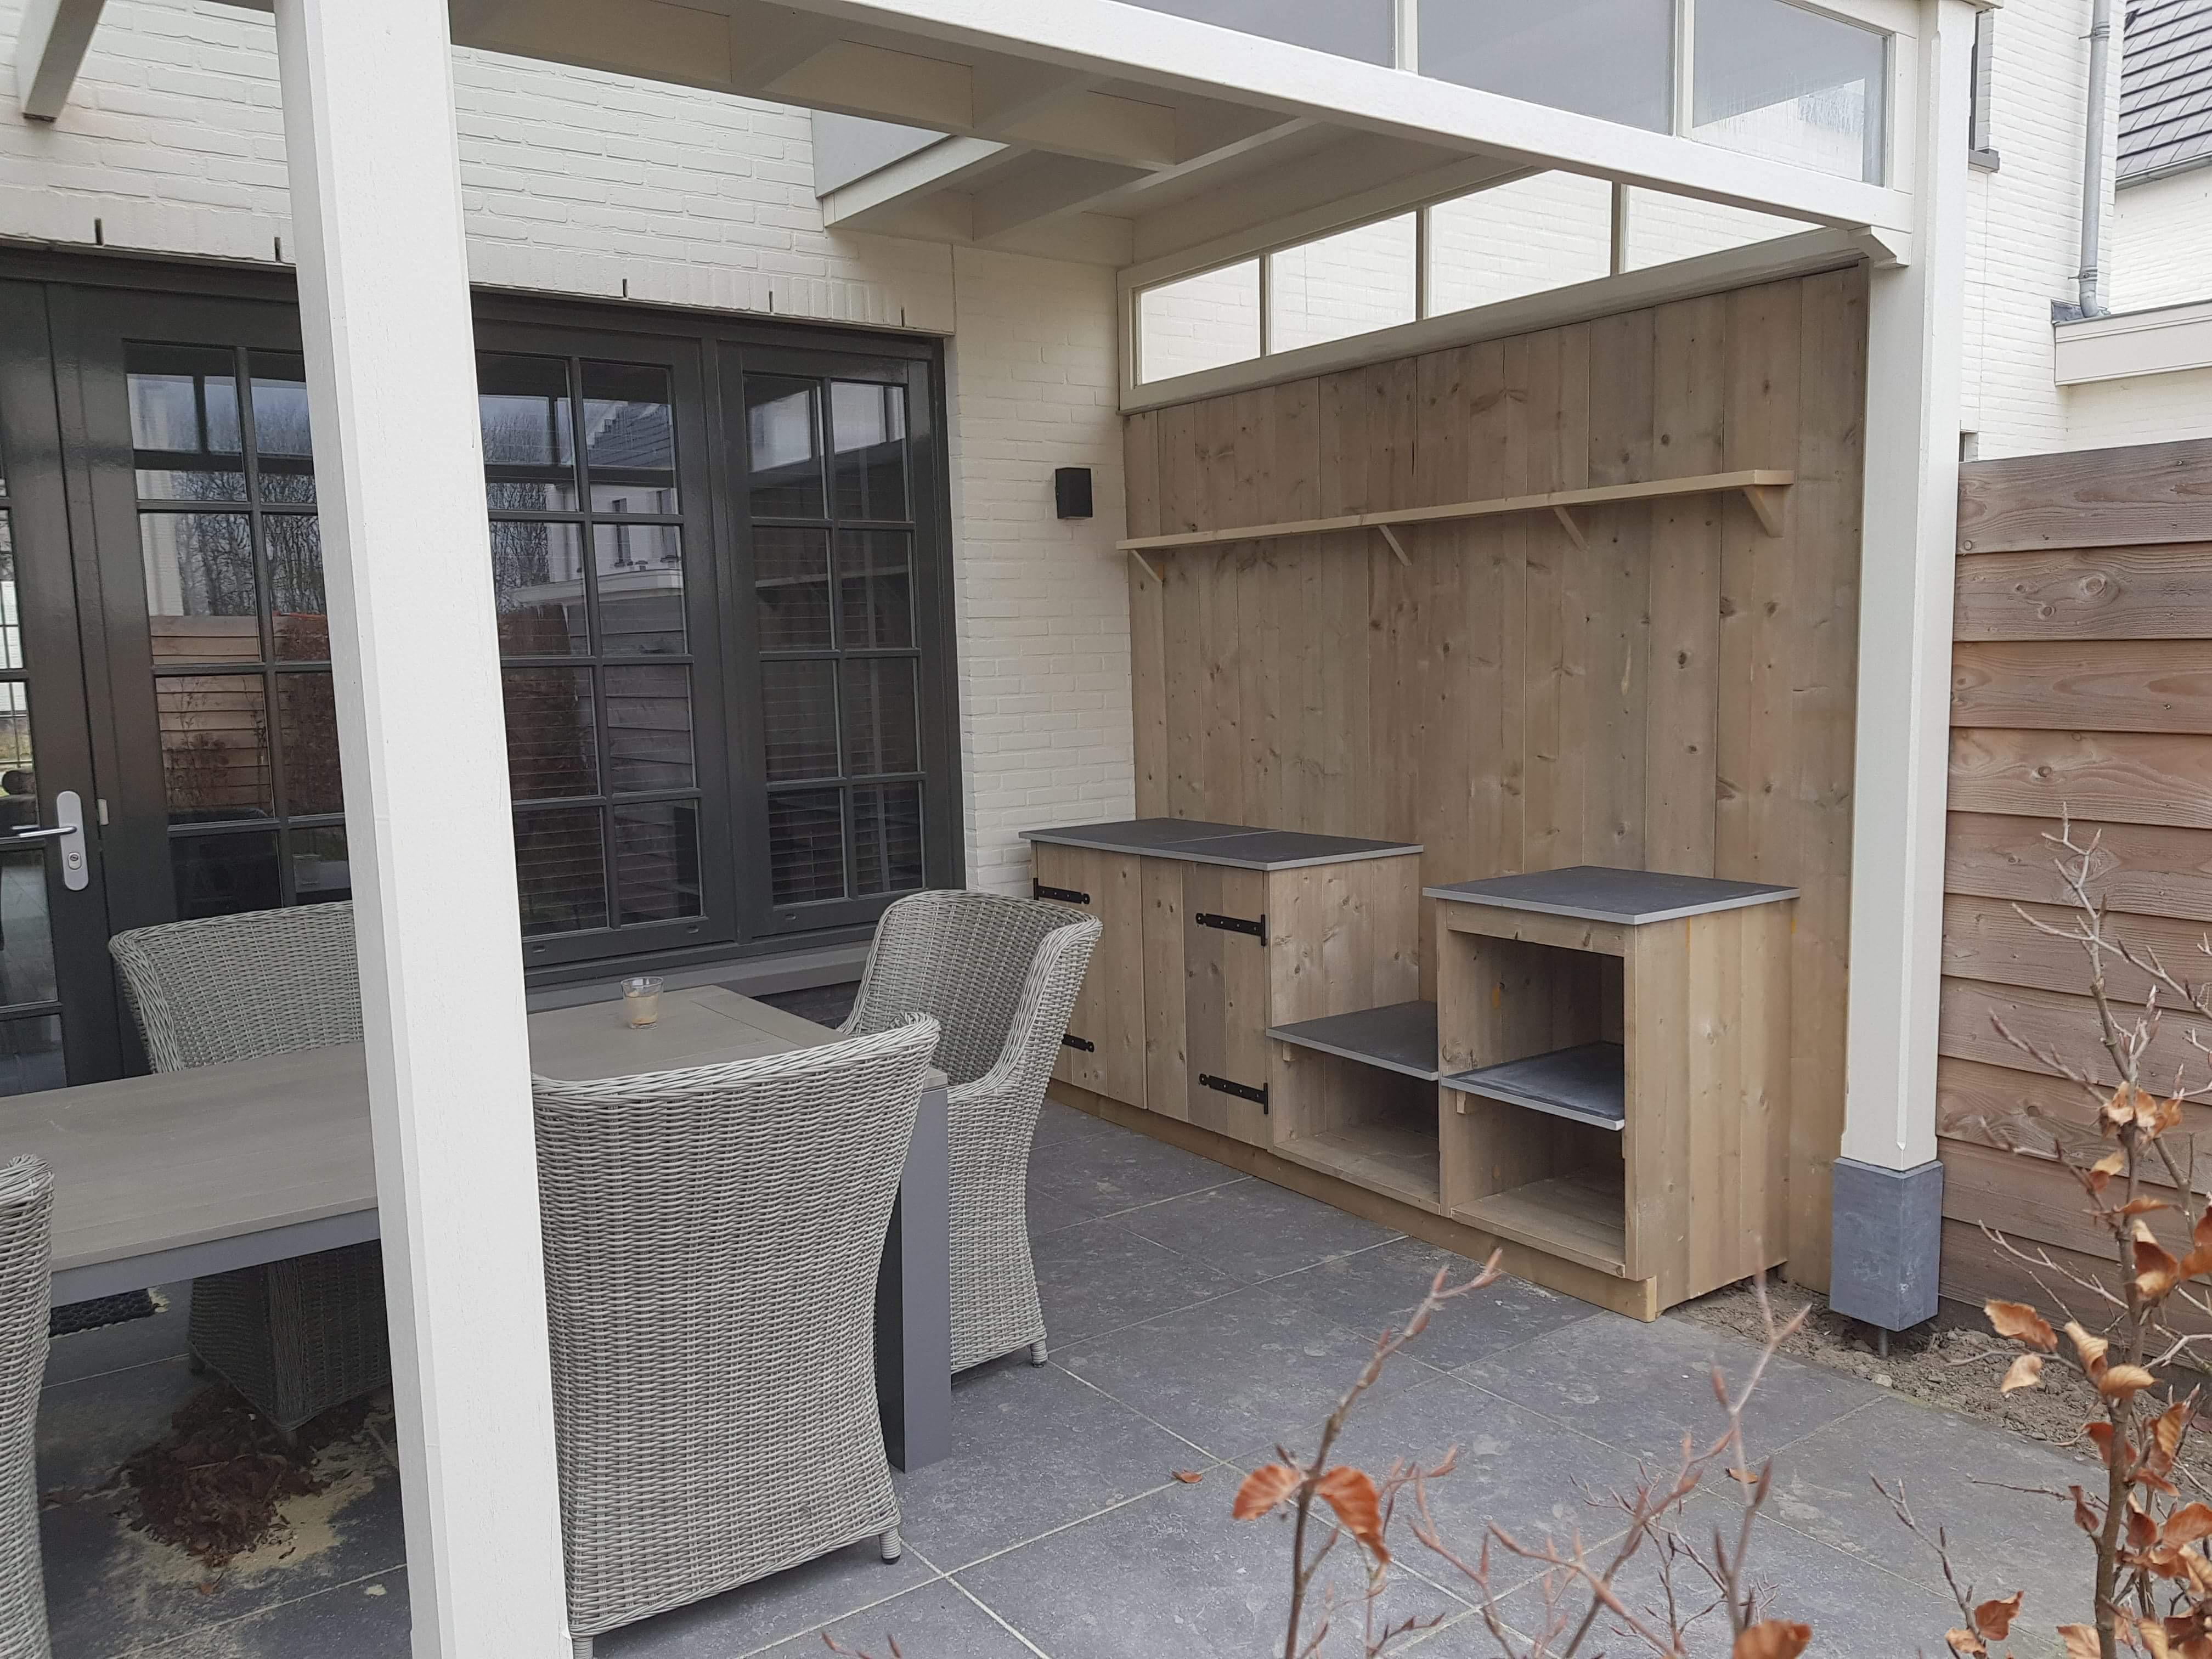 Houten Buiten Keuken : Massief houten buitenkeuken vasco buitenkeukens